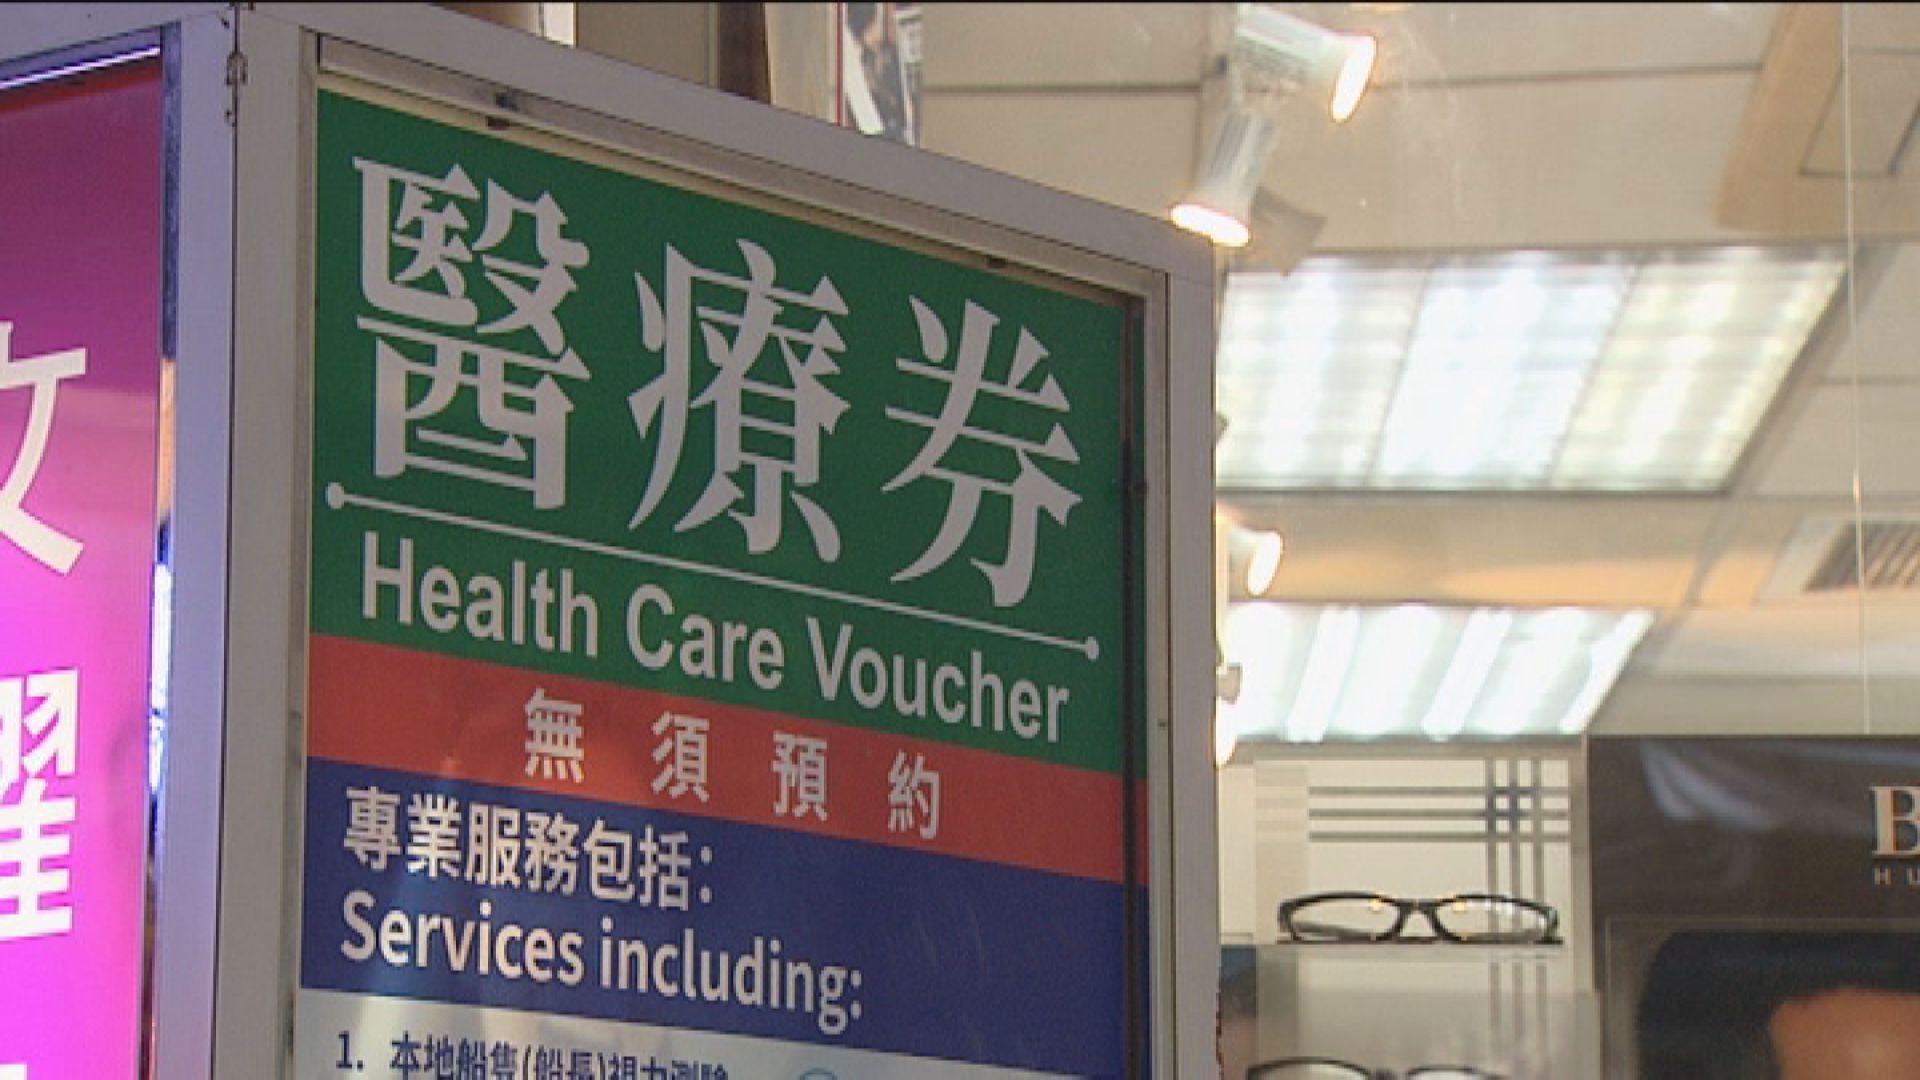 消息:醫療券用視光服務擬限兩年用1000元